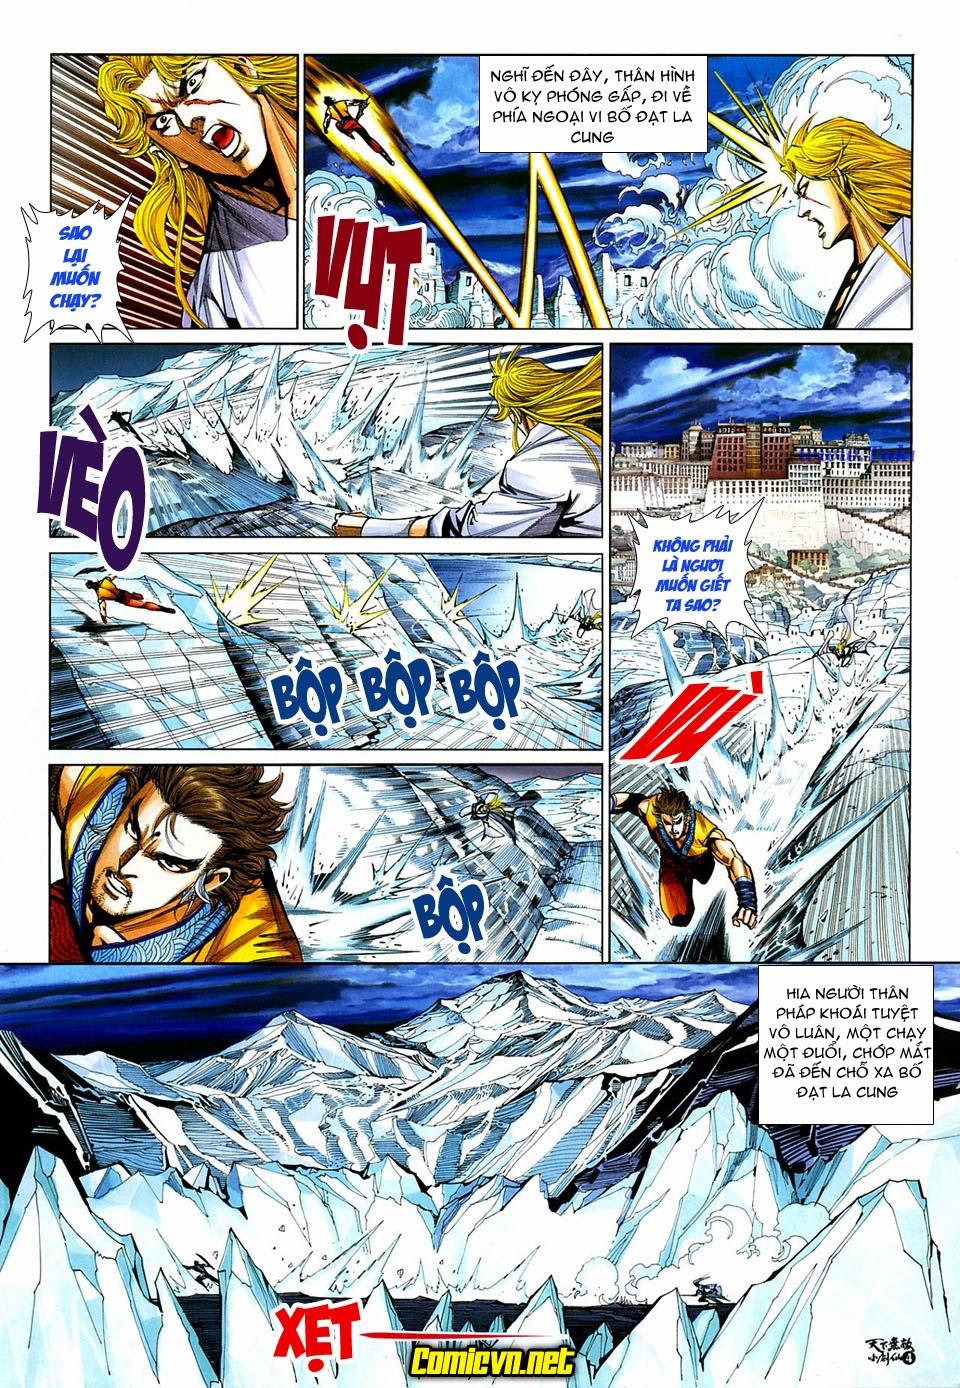 Thiên Hạ Vô Địch Tiểu Kiếm Tiên chap 32 - Trang 4